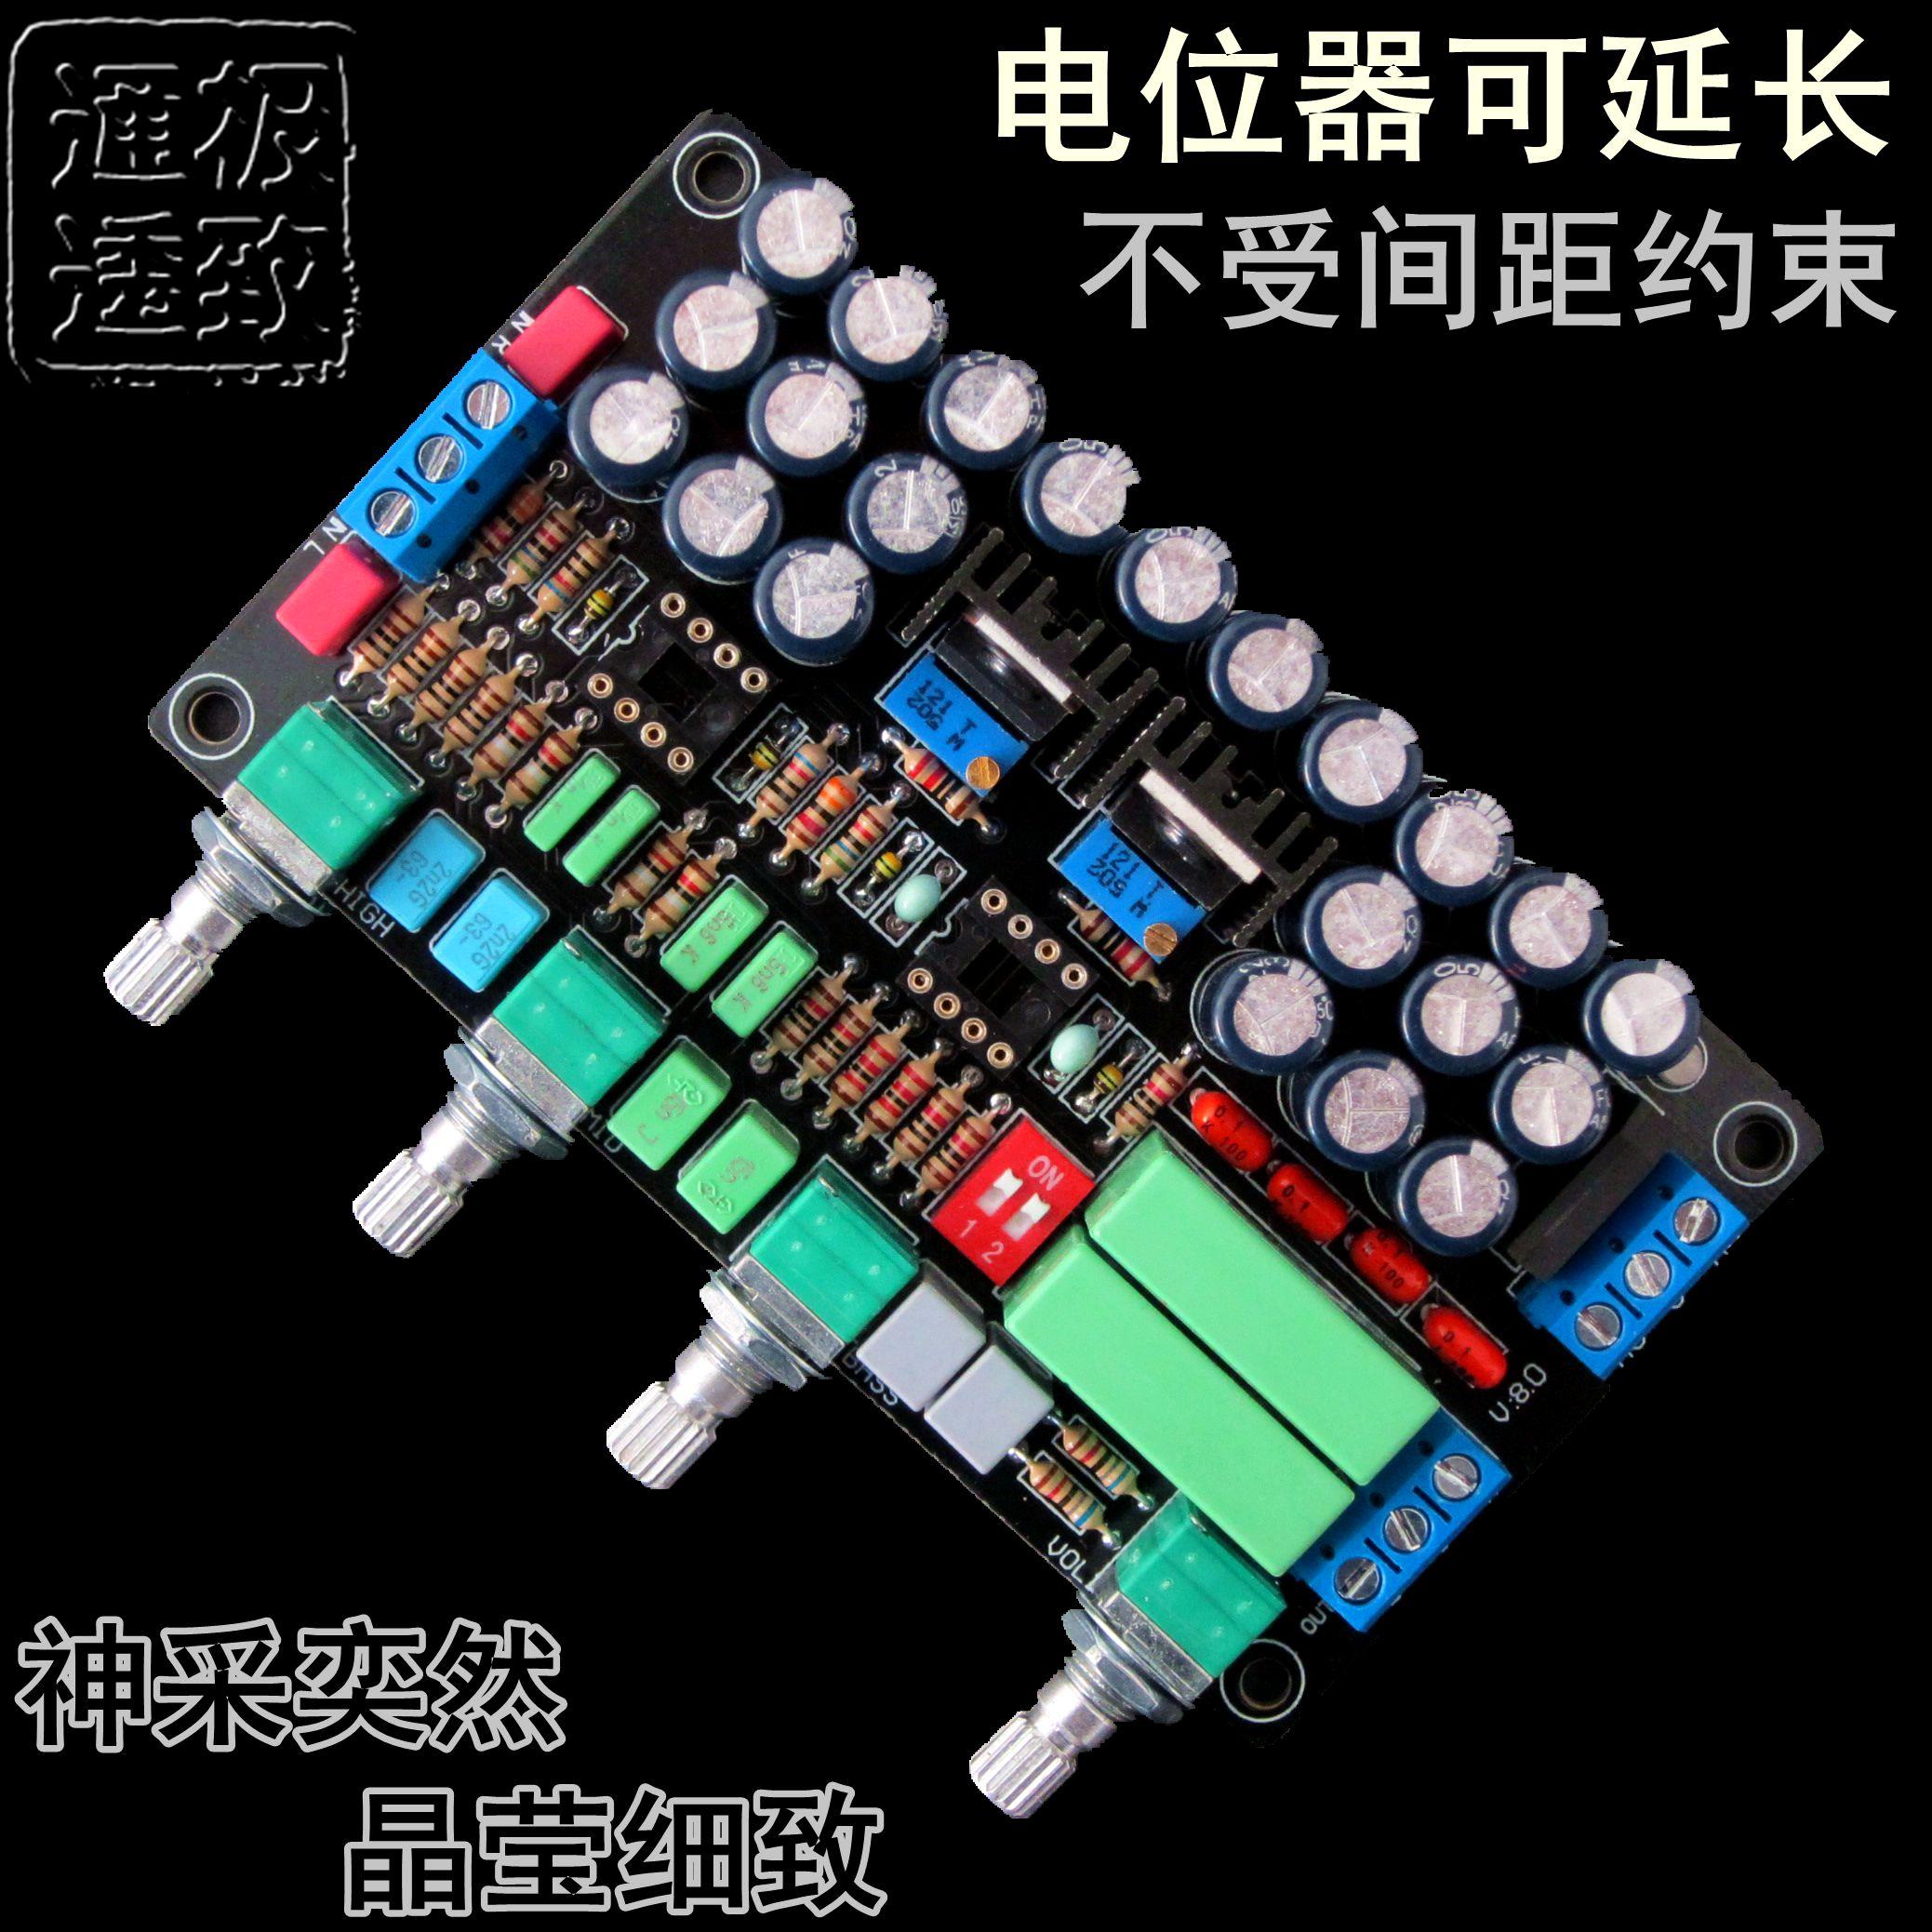 Бесплатная доставка коллекция HIFI настройка доска OPA2604 передний звук настроить доска NE5532 лихорадка назад уровень другой броня категория